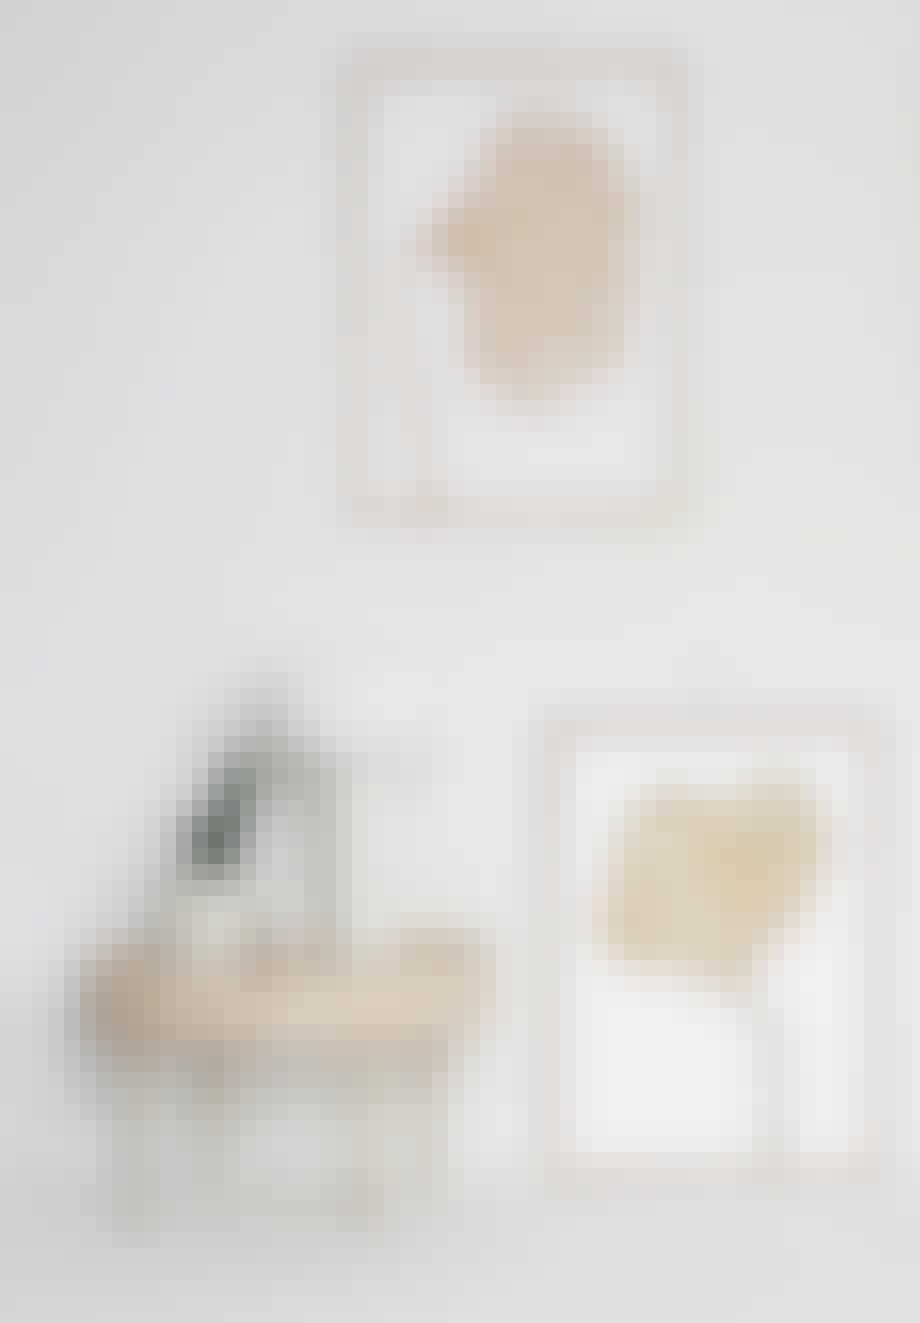 Gullkantet bilde av linoleum